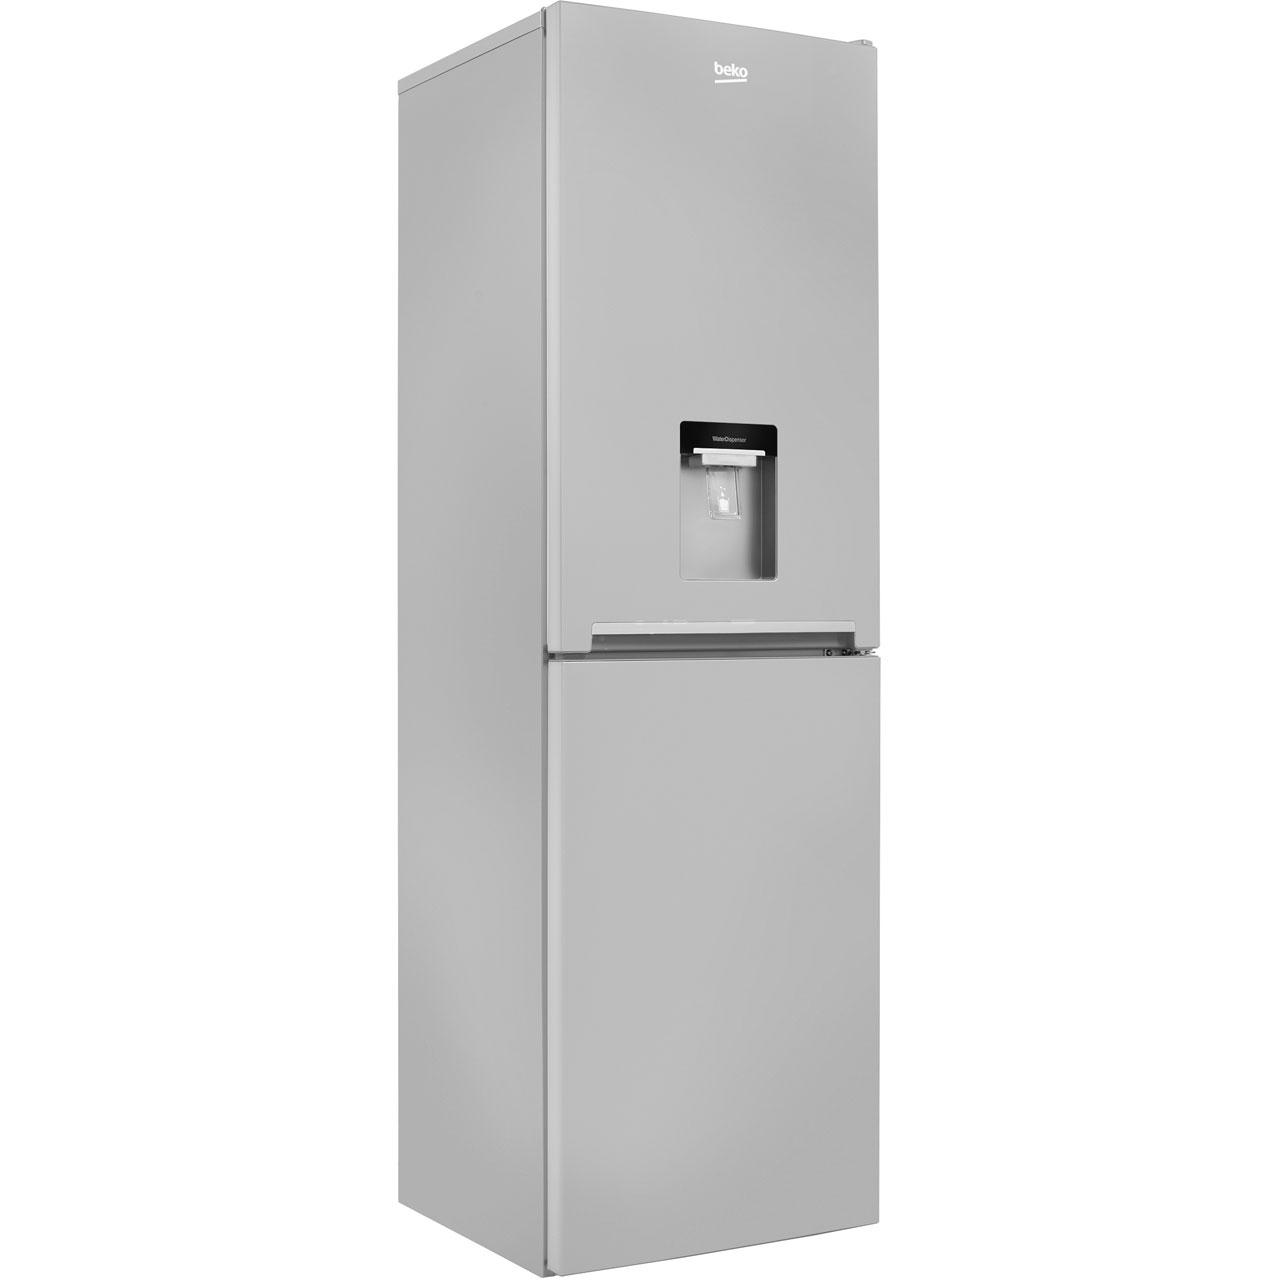 beko fridge freezer with water dispenser 269 30. Black Bedroom Furniture Sets. Home Design Ideas